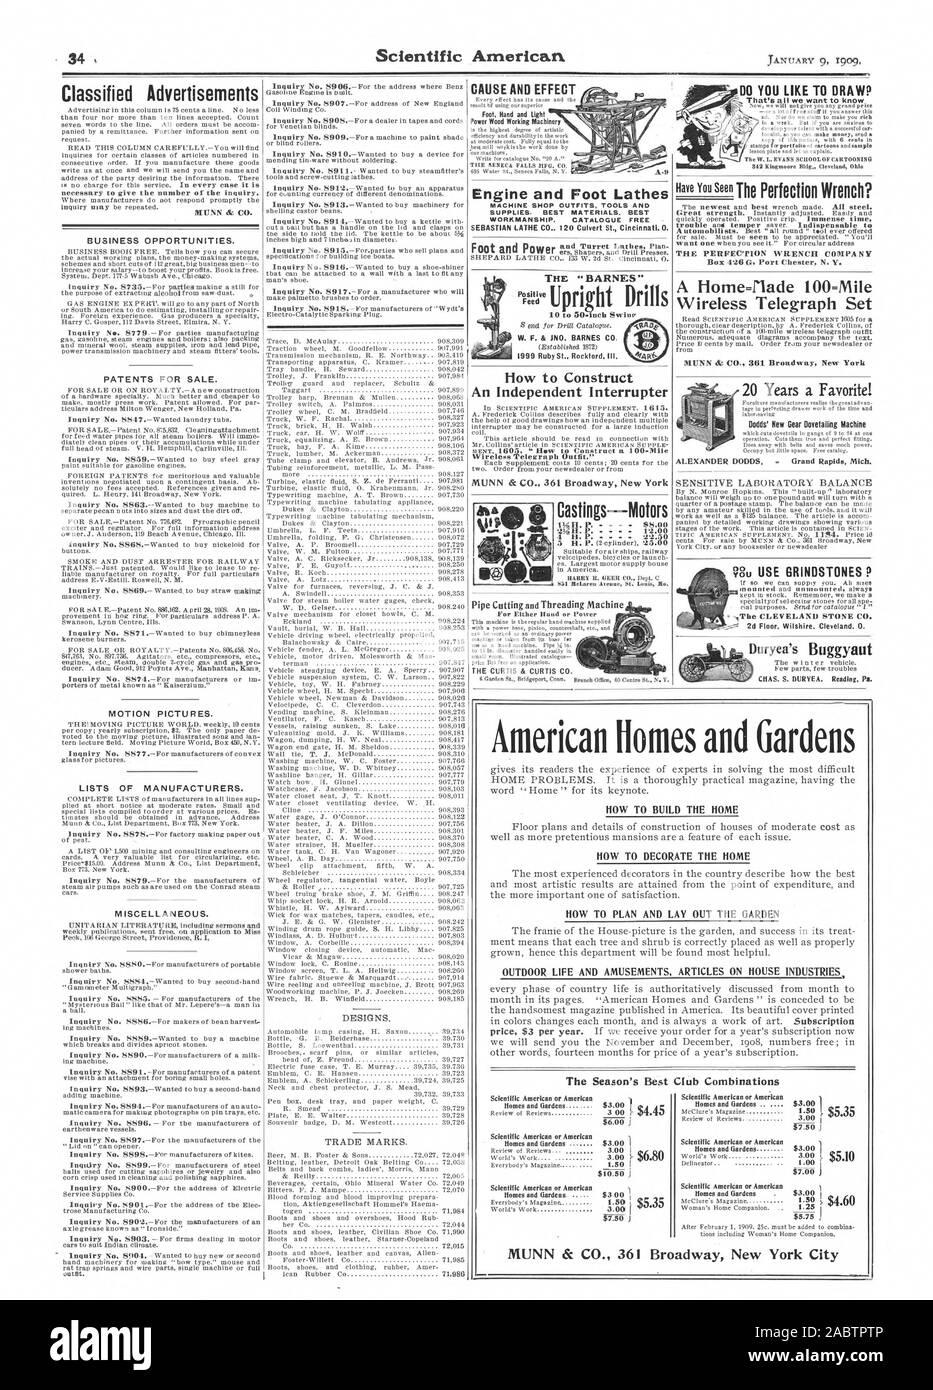 Transmetteur sans fil Dodds nouvel engrenage Machine à faire ALEXANDER DODDS . Grand Rapids Michigan Vu UTILISER DES MEULES P a l'CLEVELAND STONE CO. L 'BARNES ' W. F. & JNO. BARNES C 1999 Ruby St. Rockford Illinois Castings Motors - 88,004 H. P. 551 Arrnor la mélanine SI. Loon No American Maisons et Jardins ACCUEIL PROBLÈMES. C'est un magazine ayant la pratique à fond COMMENT CONSTRUIRE LA MAISON COMMENT décorer la maison COMMENT PLANIFIER ET AMÉNAGER LE JARDIN LA VIE EN PLEIN AIR ET AMUSEMENTS ARTICLES SUR HOUSE INDUSTRIES La meilleure performance de la saison de l'Américain scientifique ou combinaisons American Club Amehcan ou Scientific American Banque D'Images